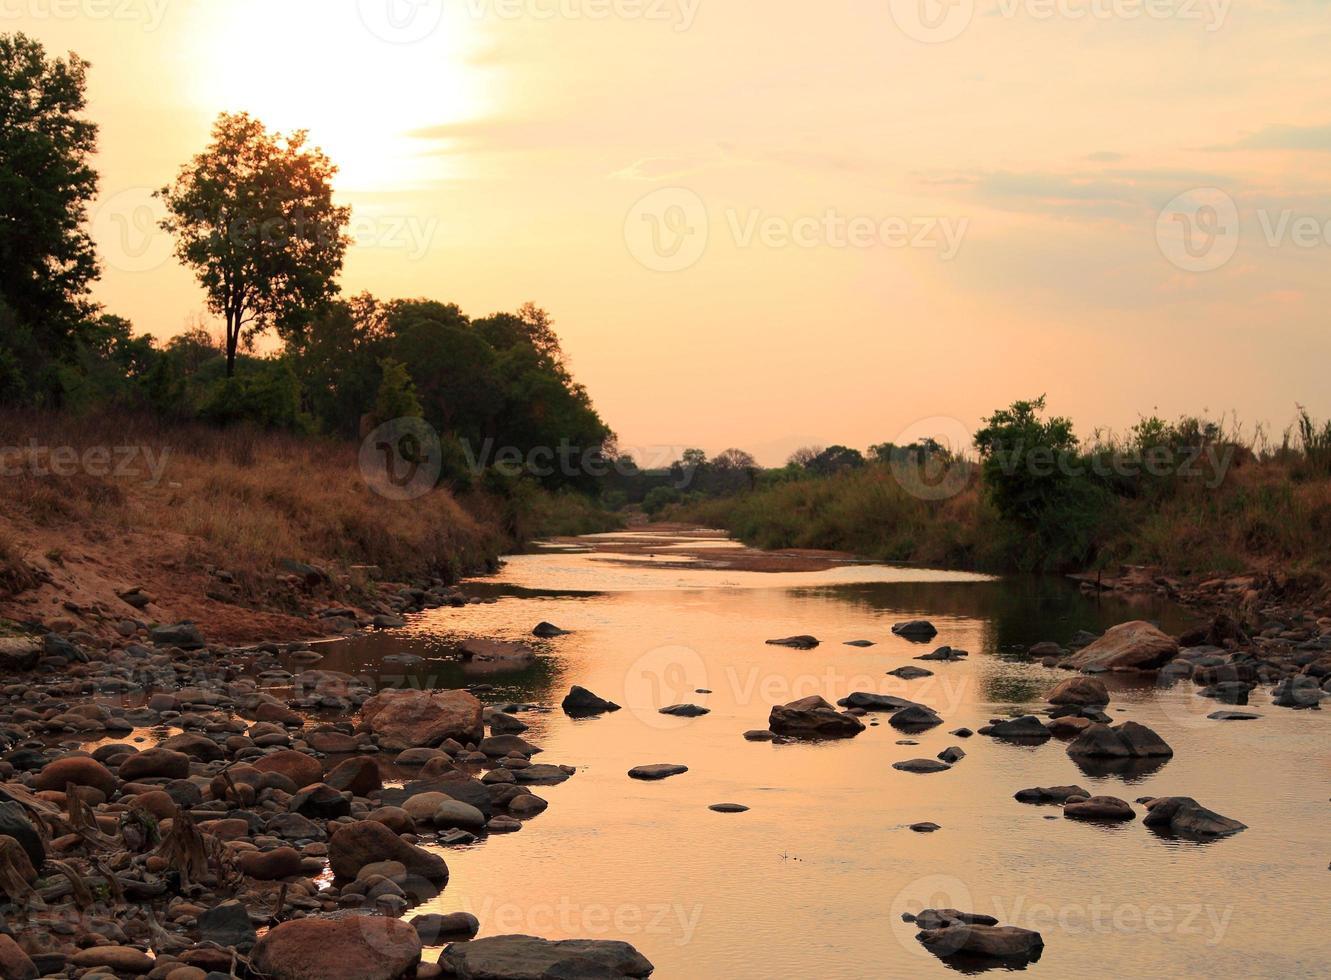 Tramonto Kruger Park photo